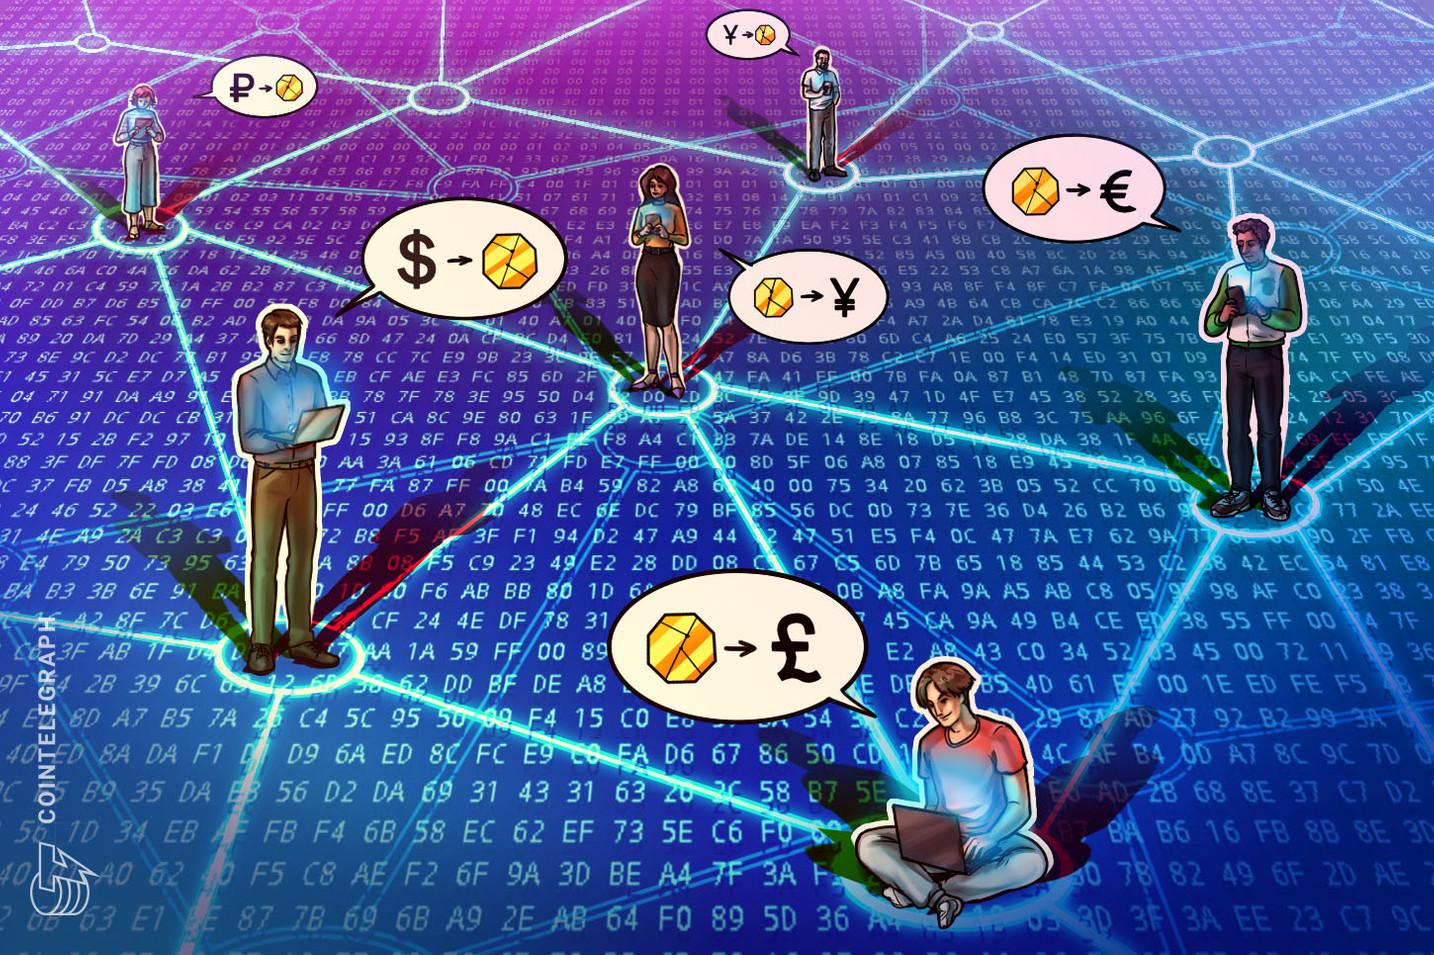 Prometheum e Anchorage estão definidos para lançar um sistema alternativo de trading de criptomoedas